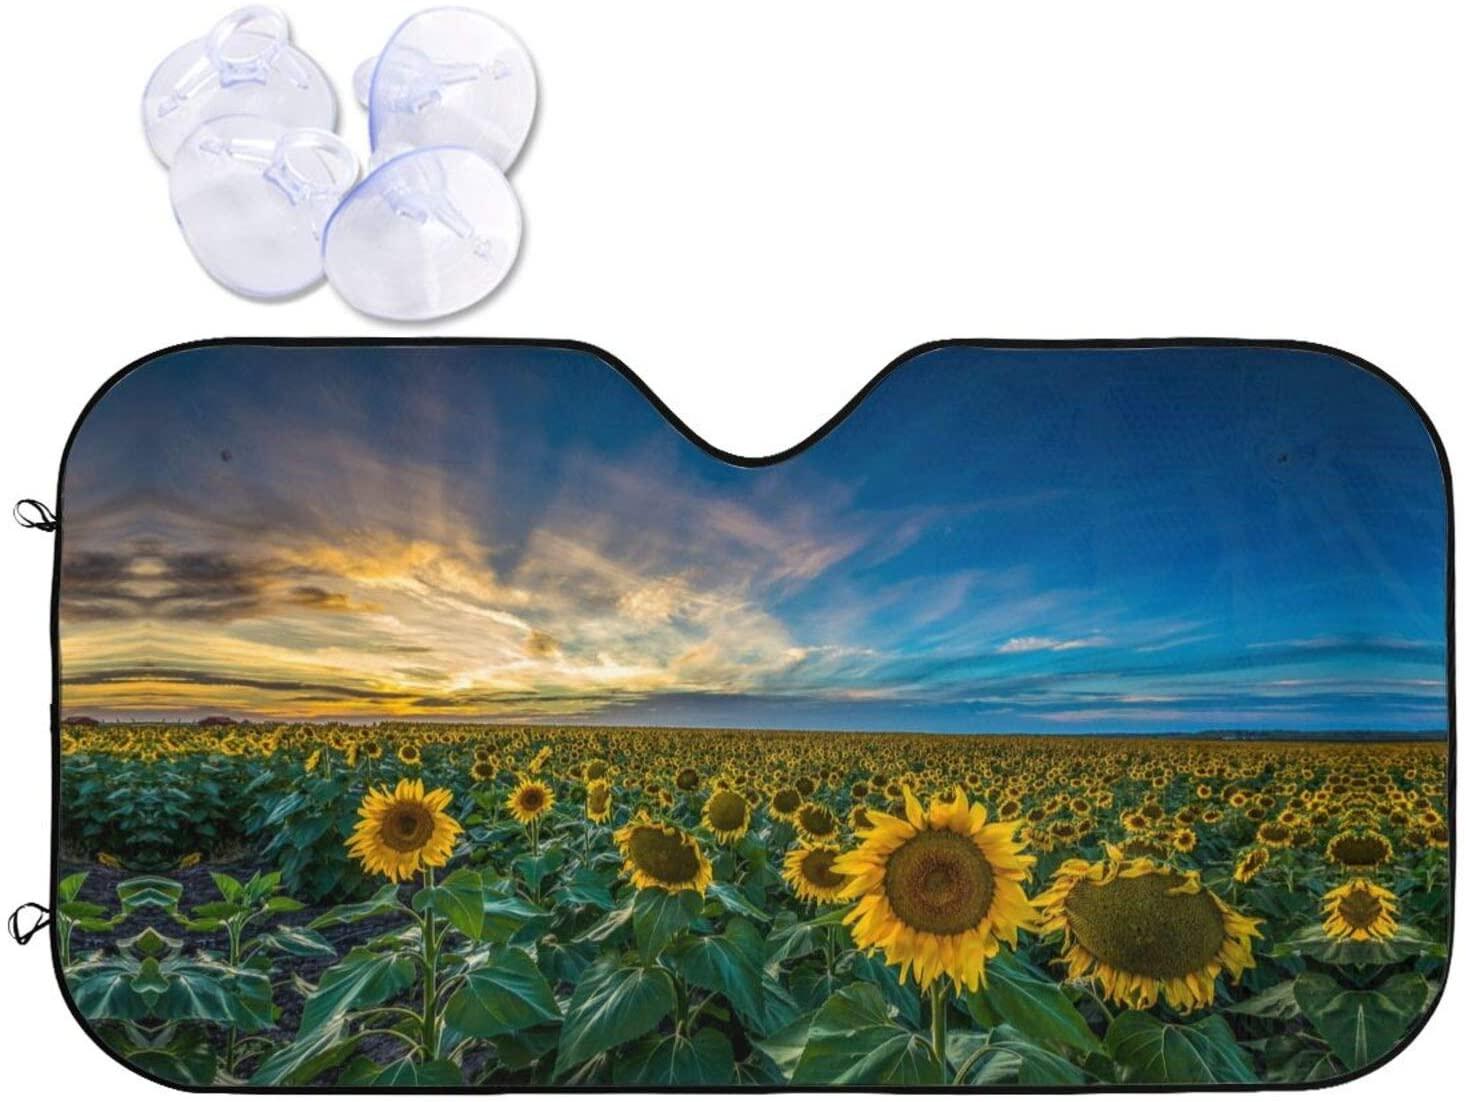 CAR WINDSHIELD SUN SHADE SUNFLOWER SUNSET FUNNY DESIGN AUTO SUNSHADE ACCORDION FOLDABLE FRONT WINDOW SUN VISOR BLOCKER FOR CAR SUV TRUCK